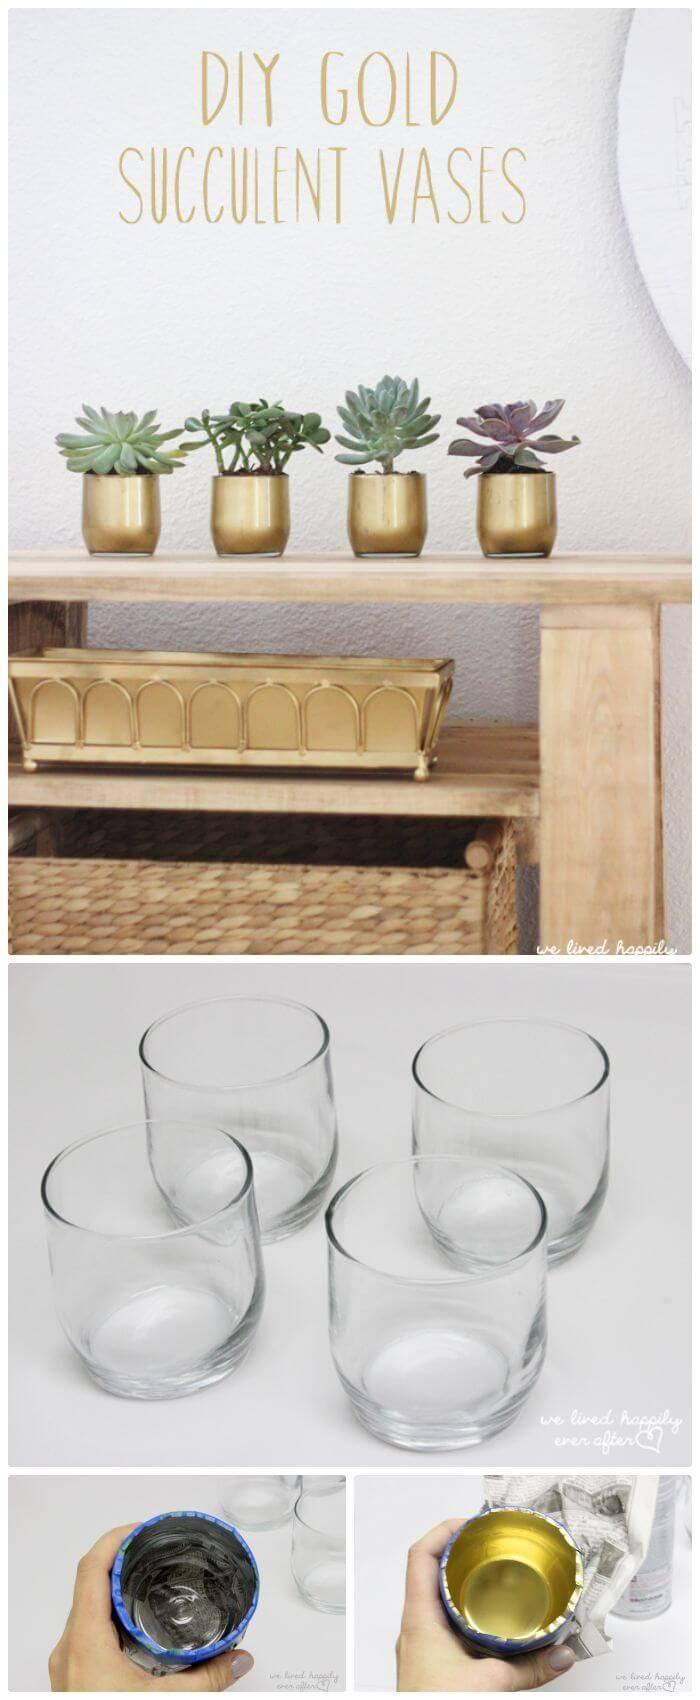 DIY Dollar Store Gold Succulent Vases